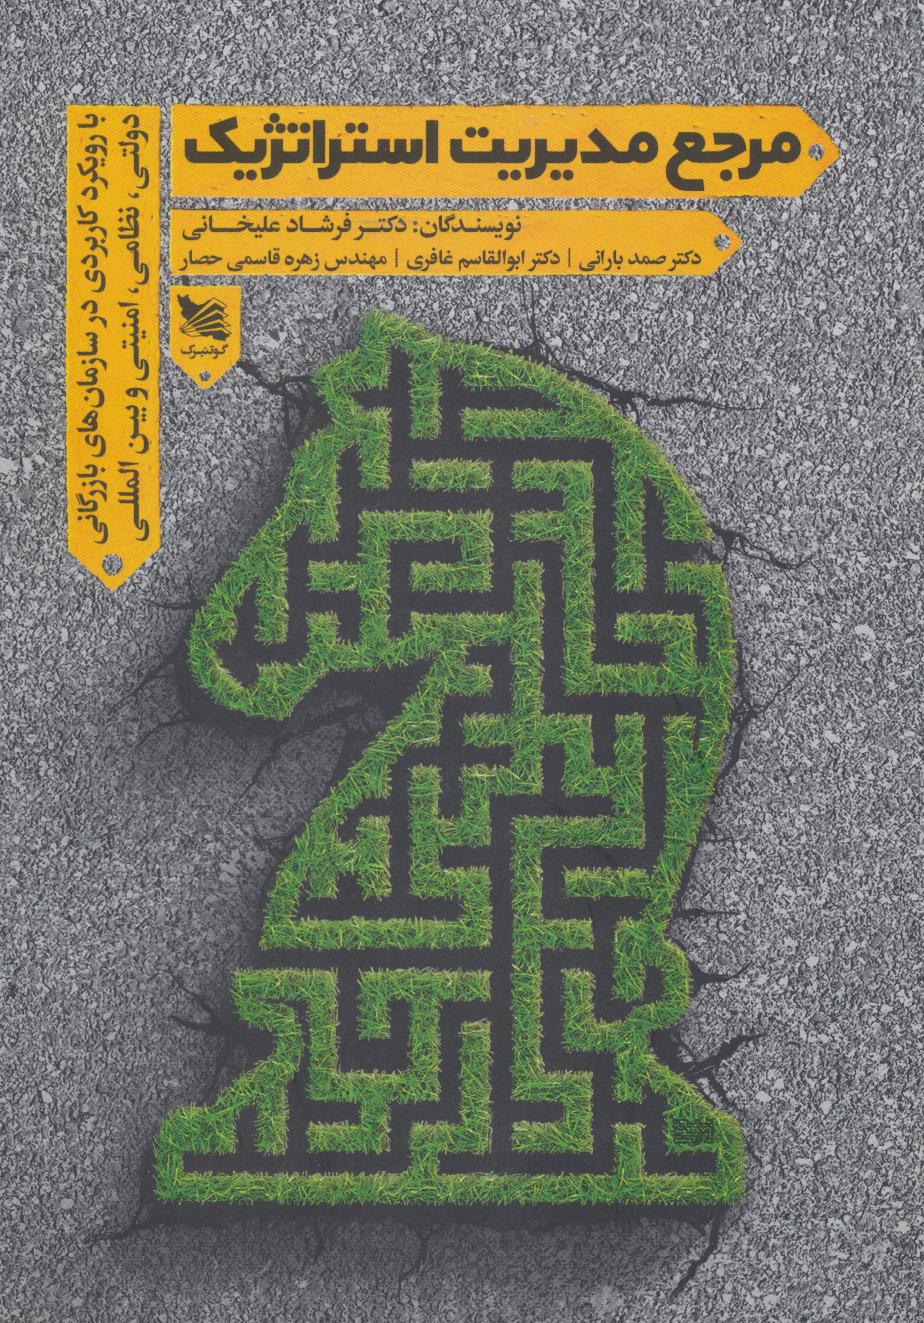 کتاب مرجع مدیریت استراتژیک